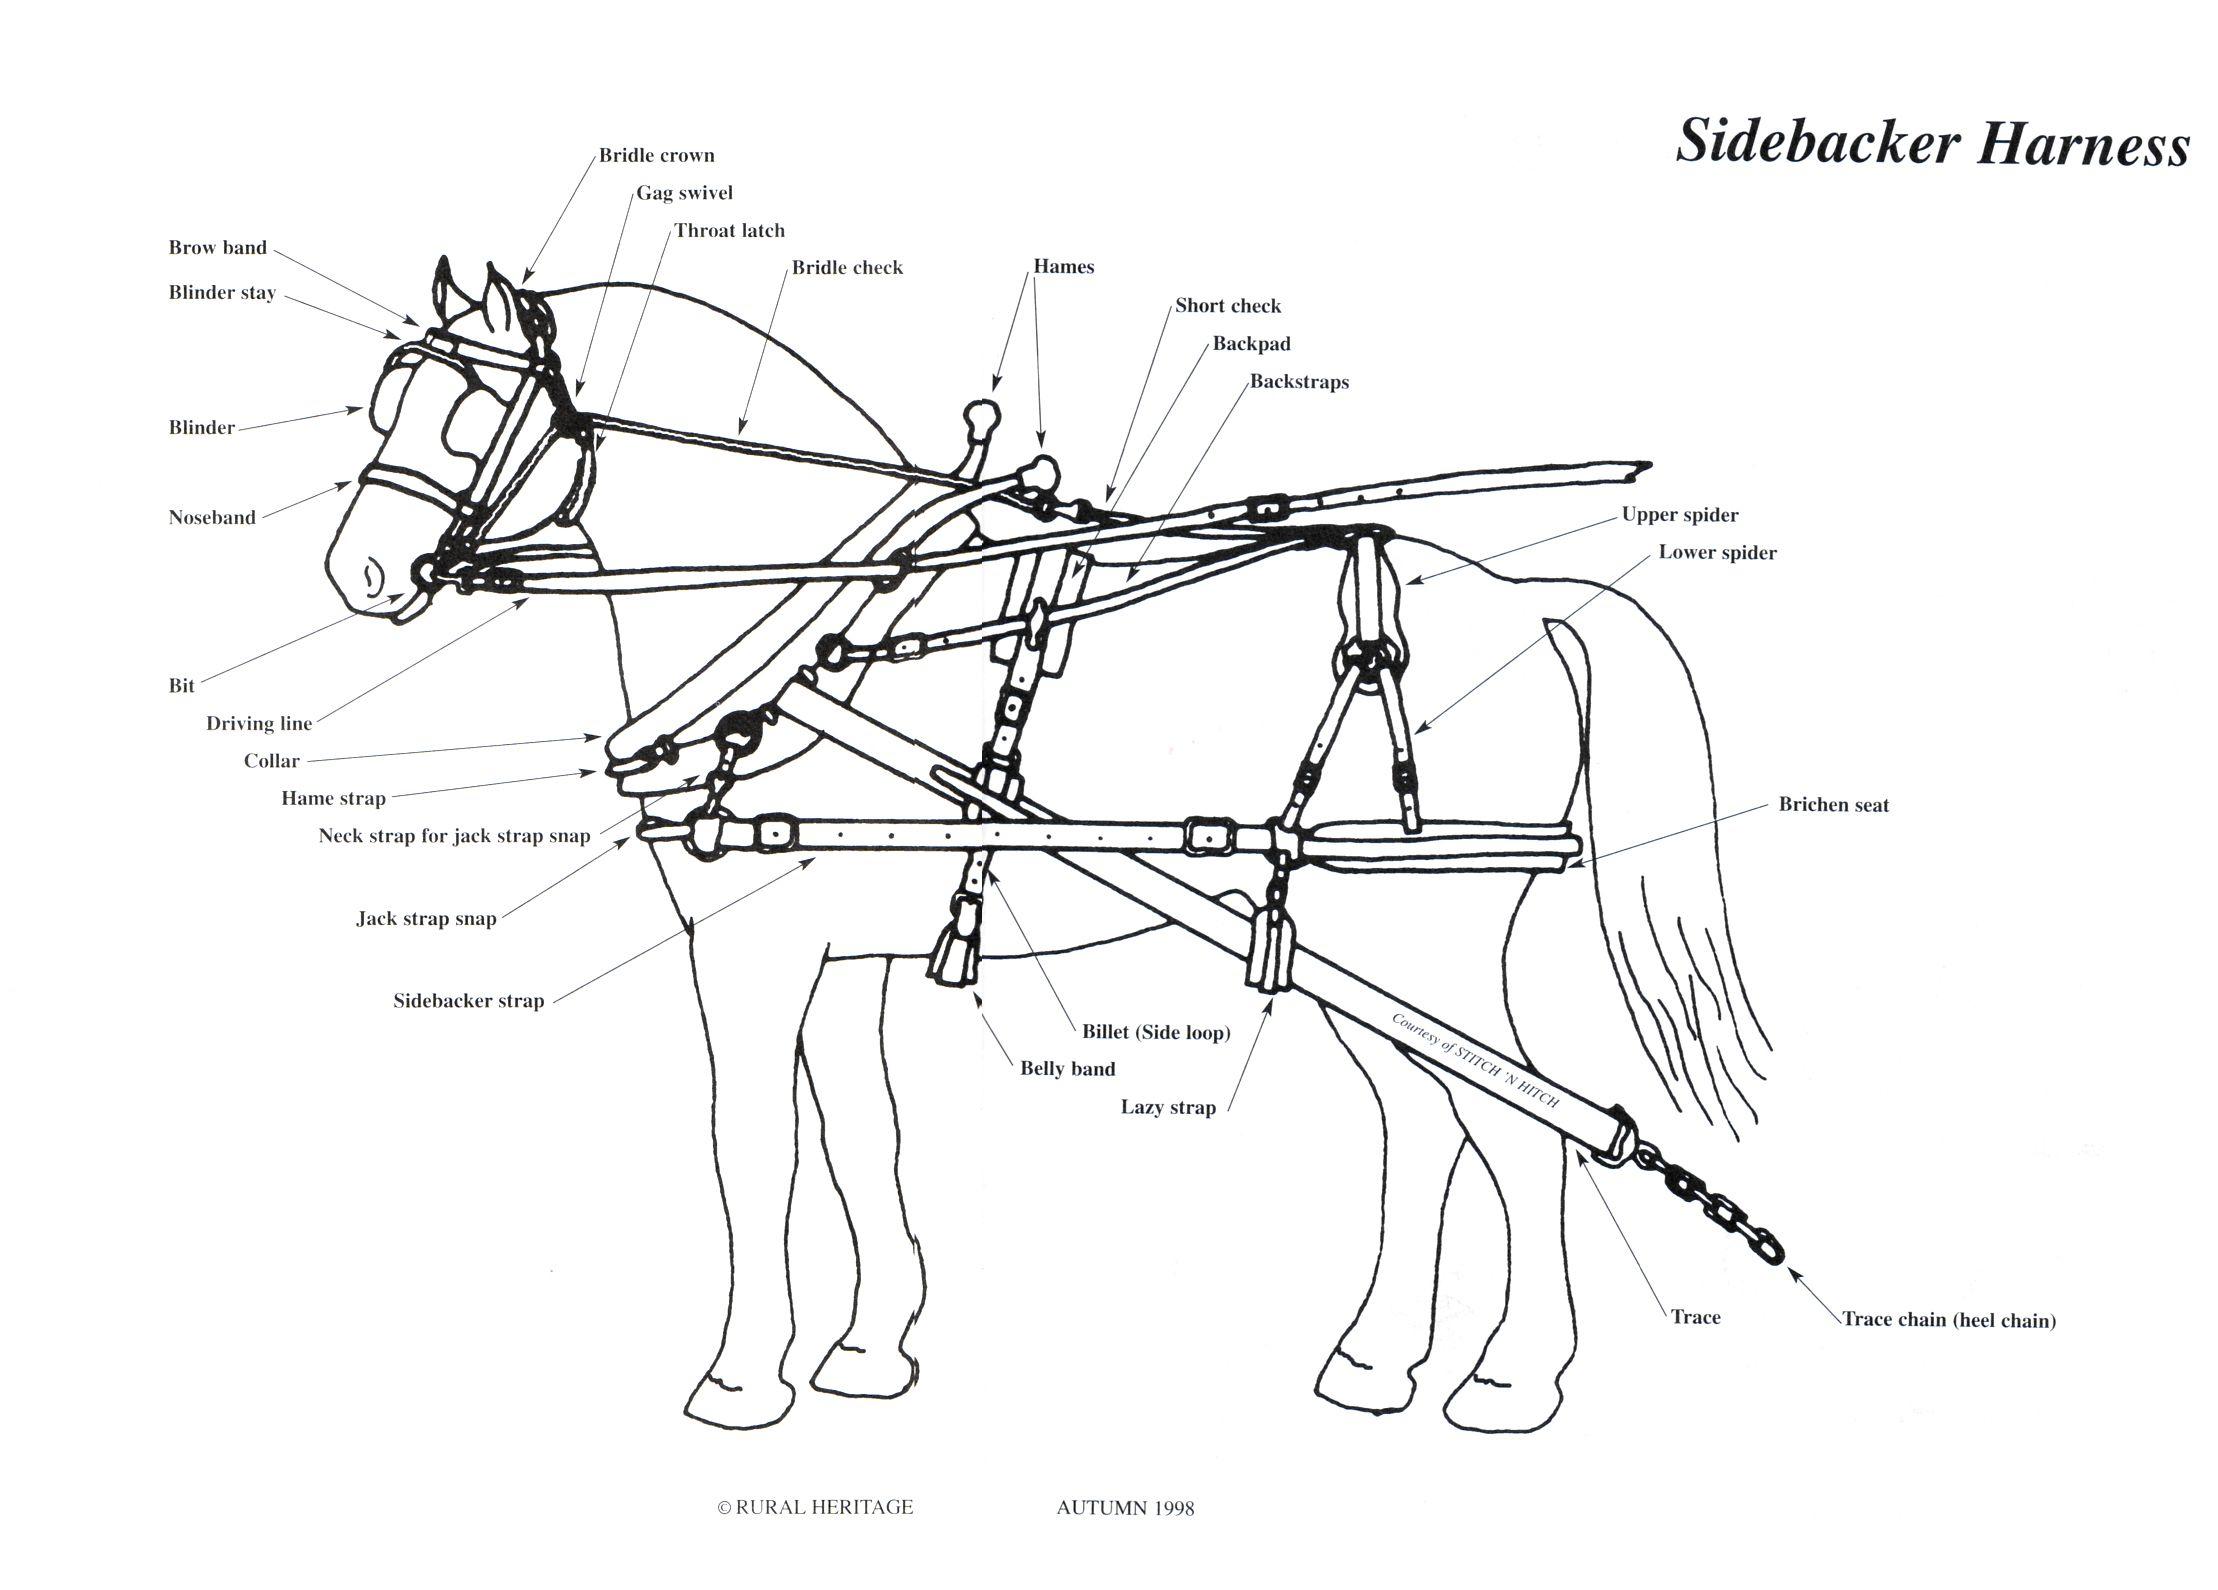 Sidebacker Harness Illustrations